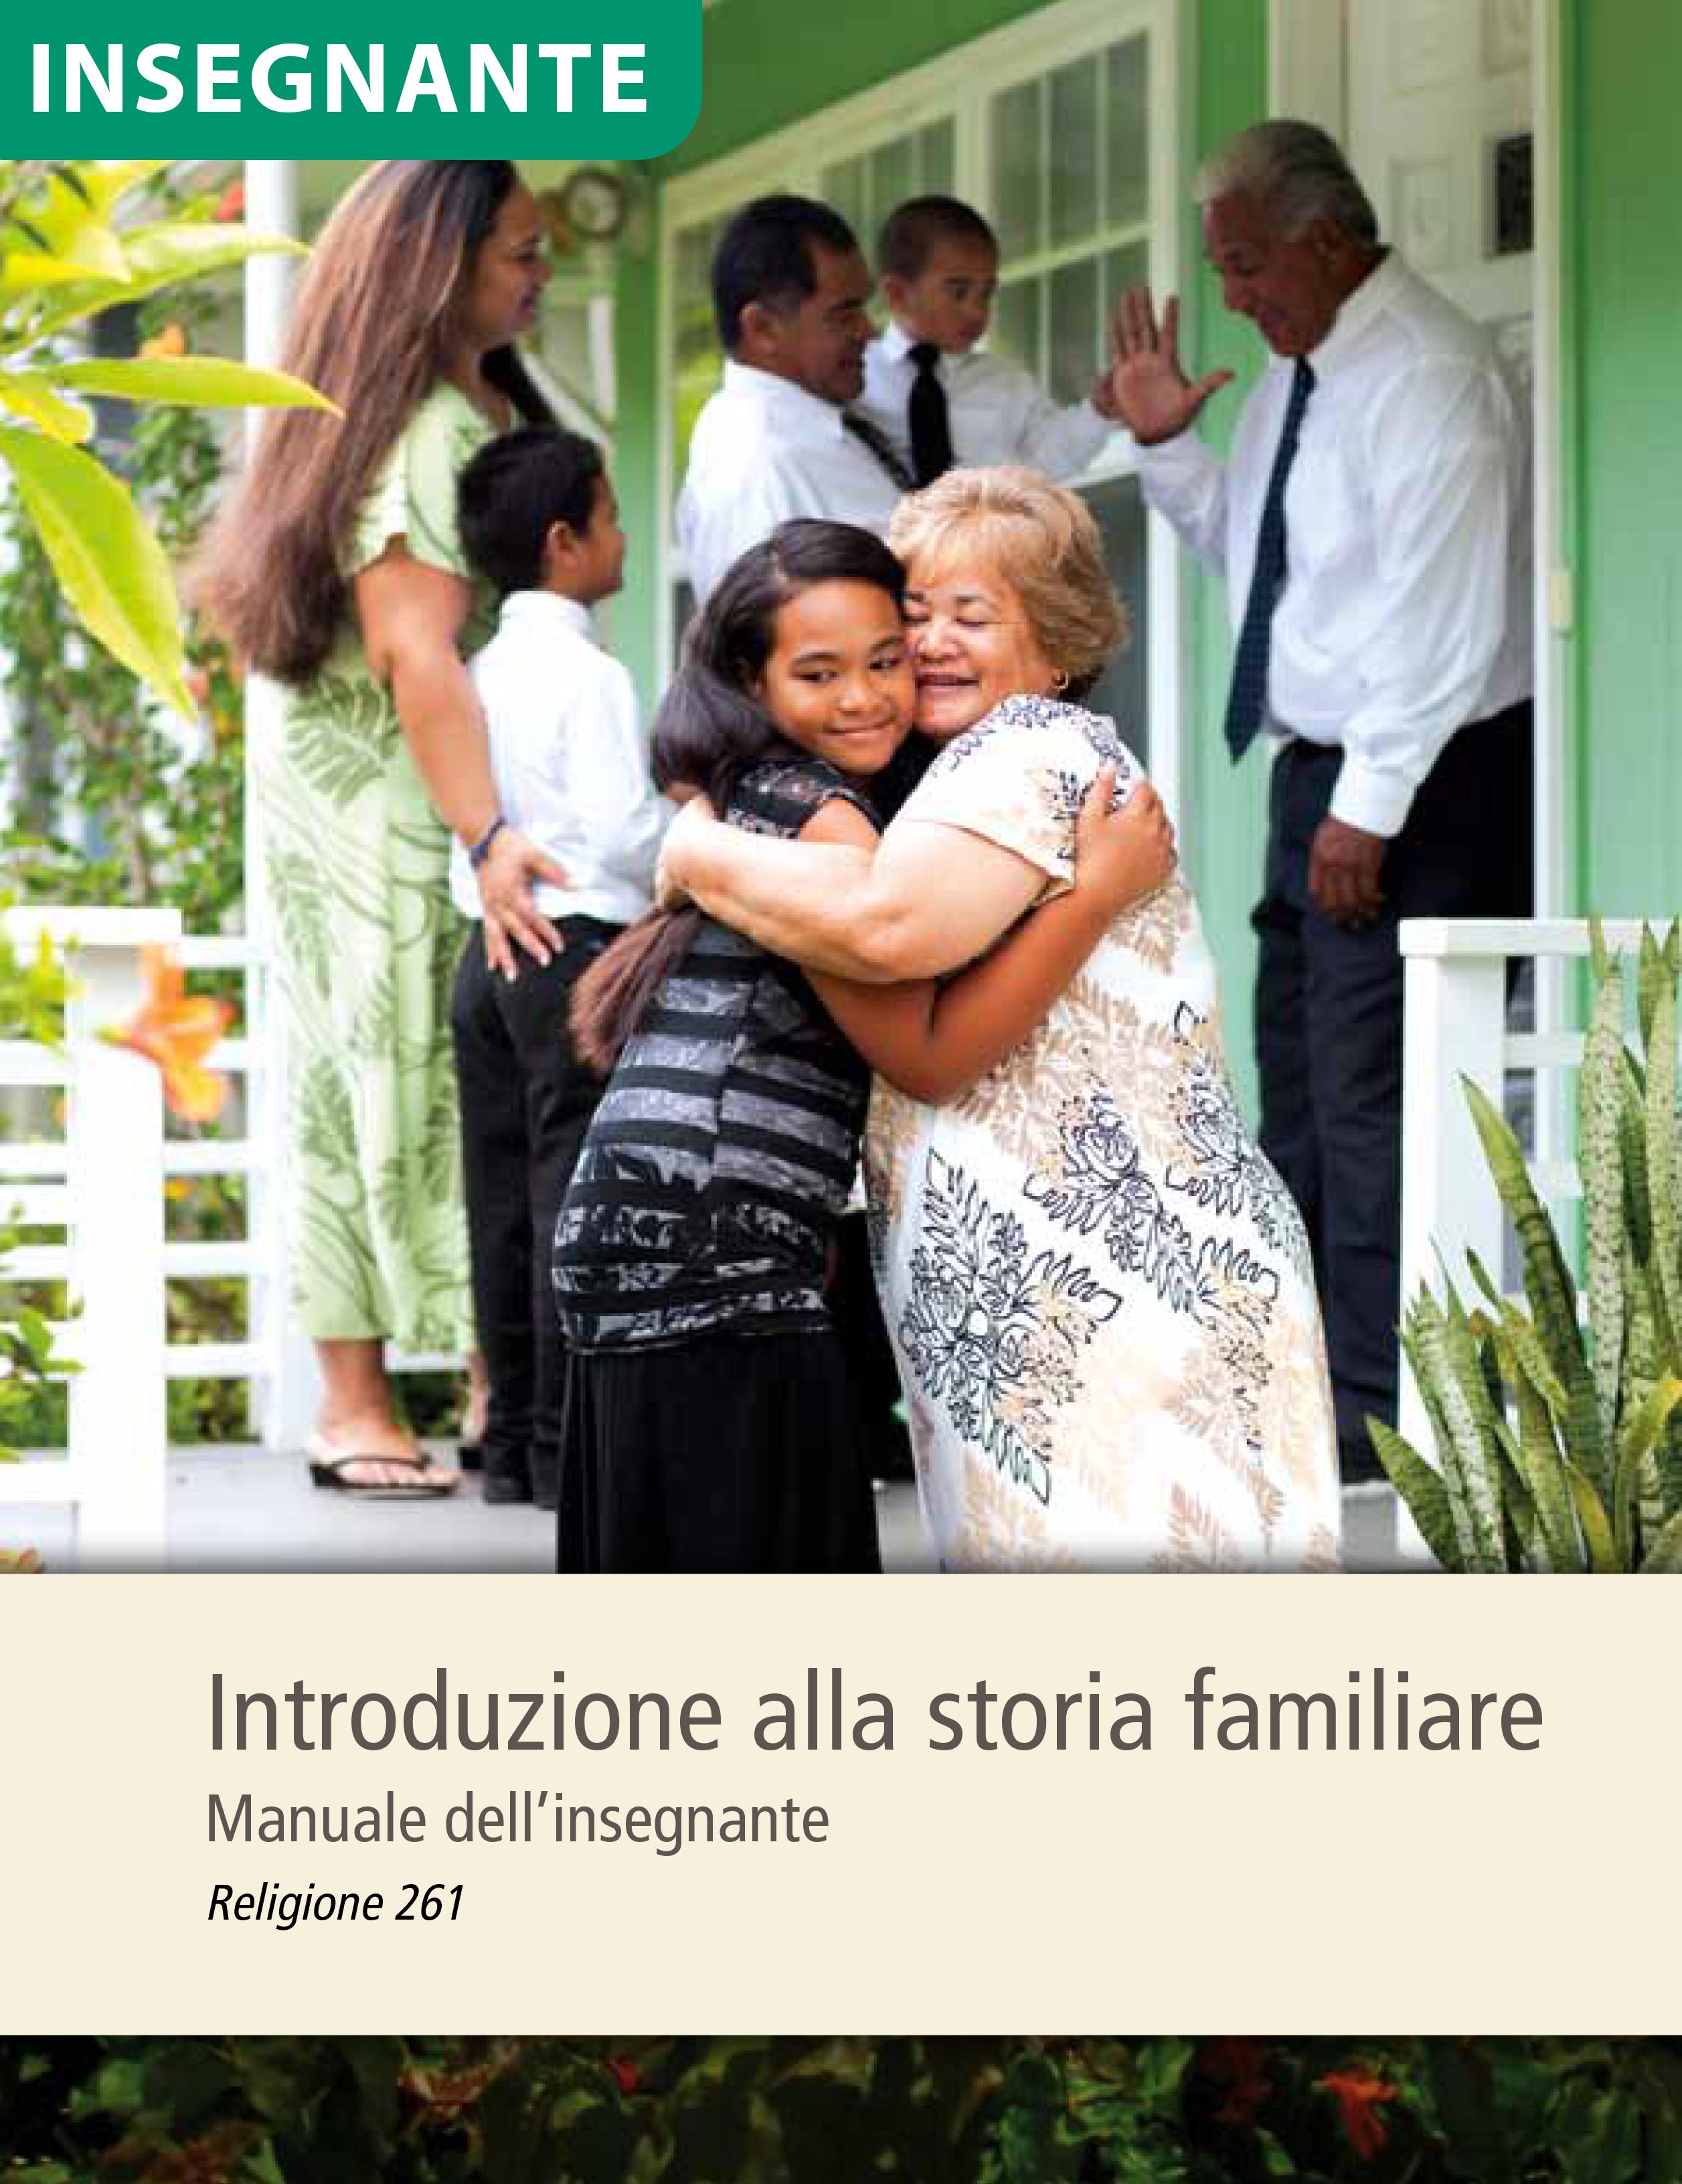 Introduzione alla storia familiare – Manuale dell'insegnante (Religione 261)